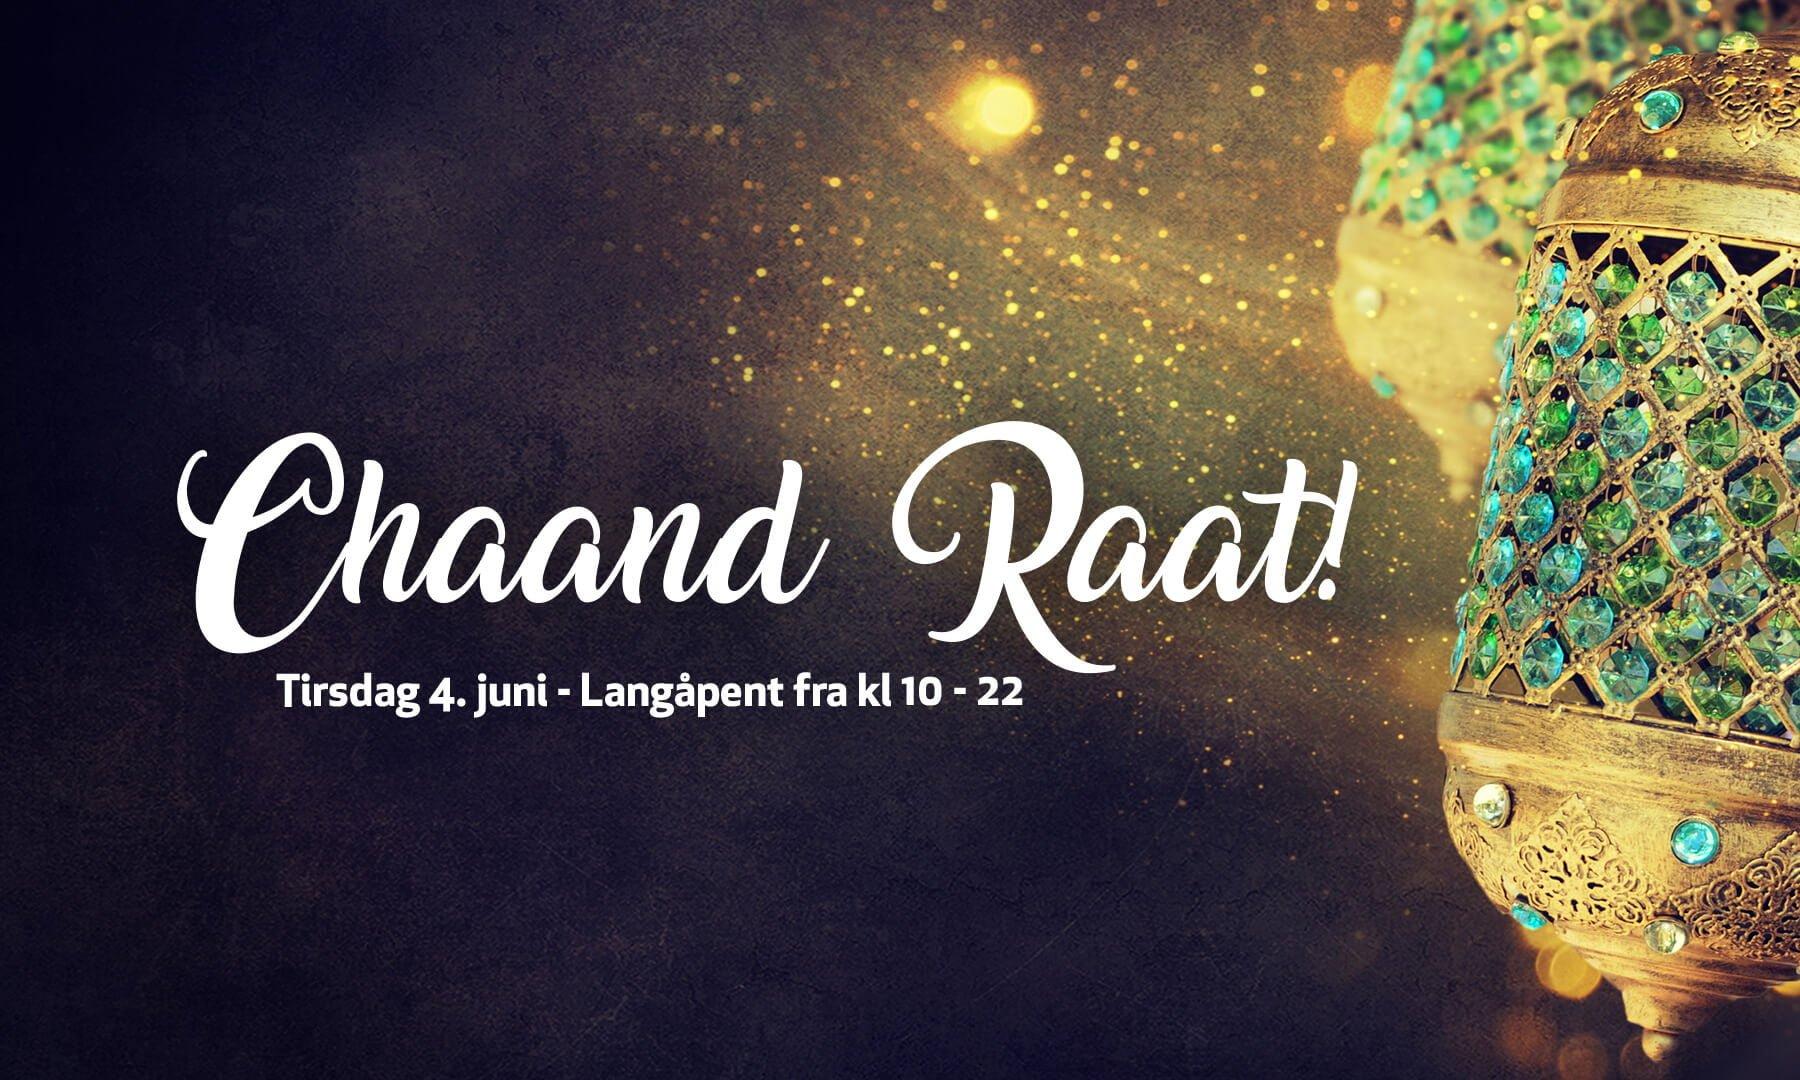 Chaand Raat på Grønland Torg